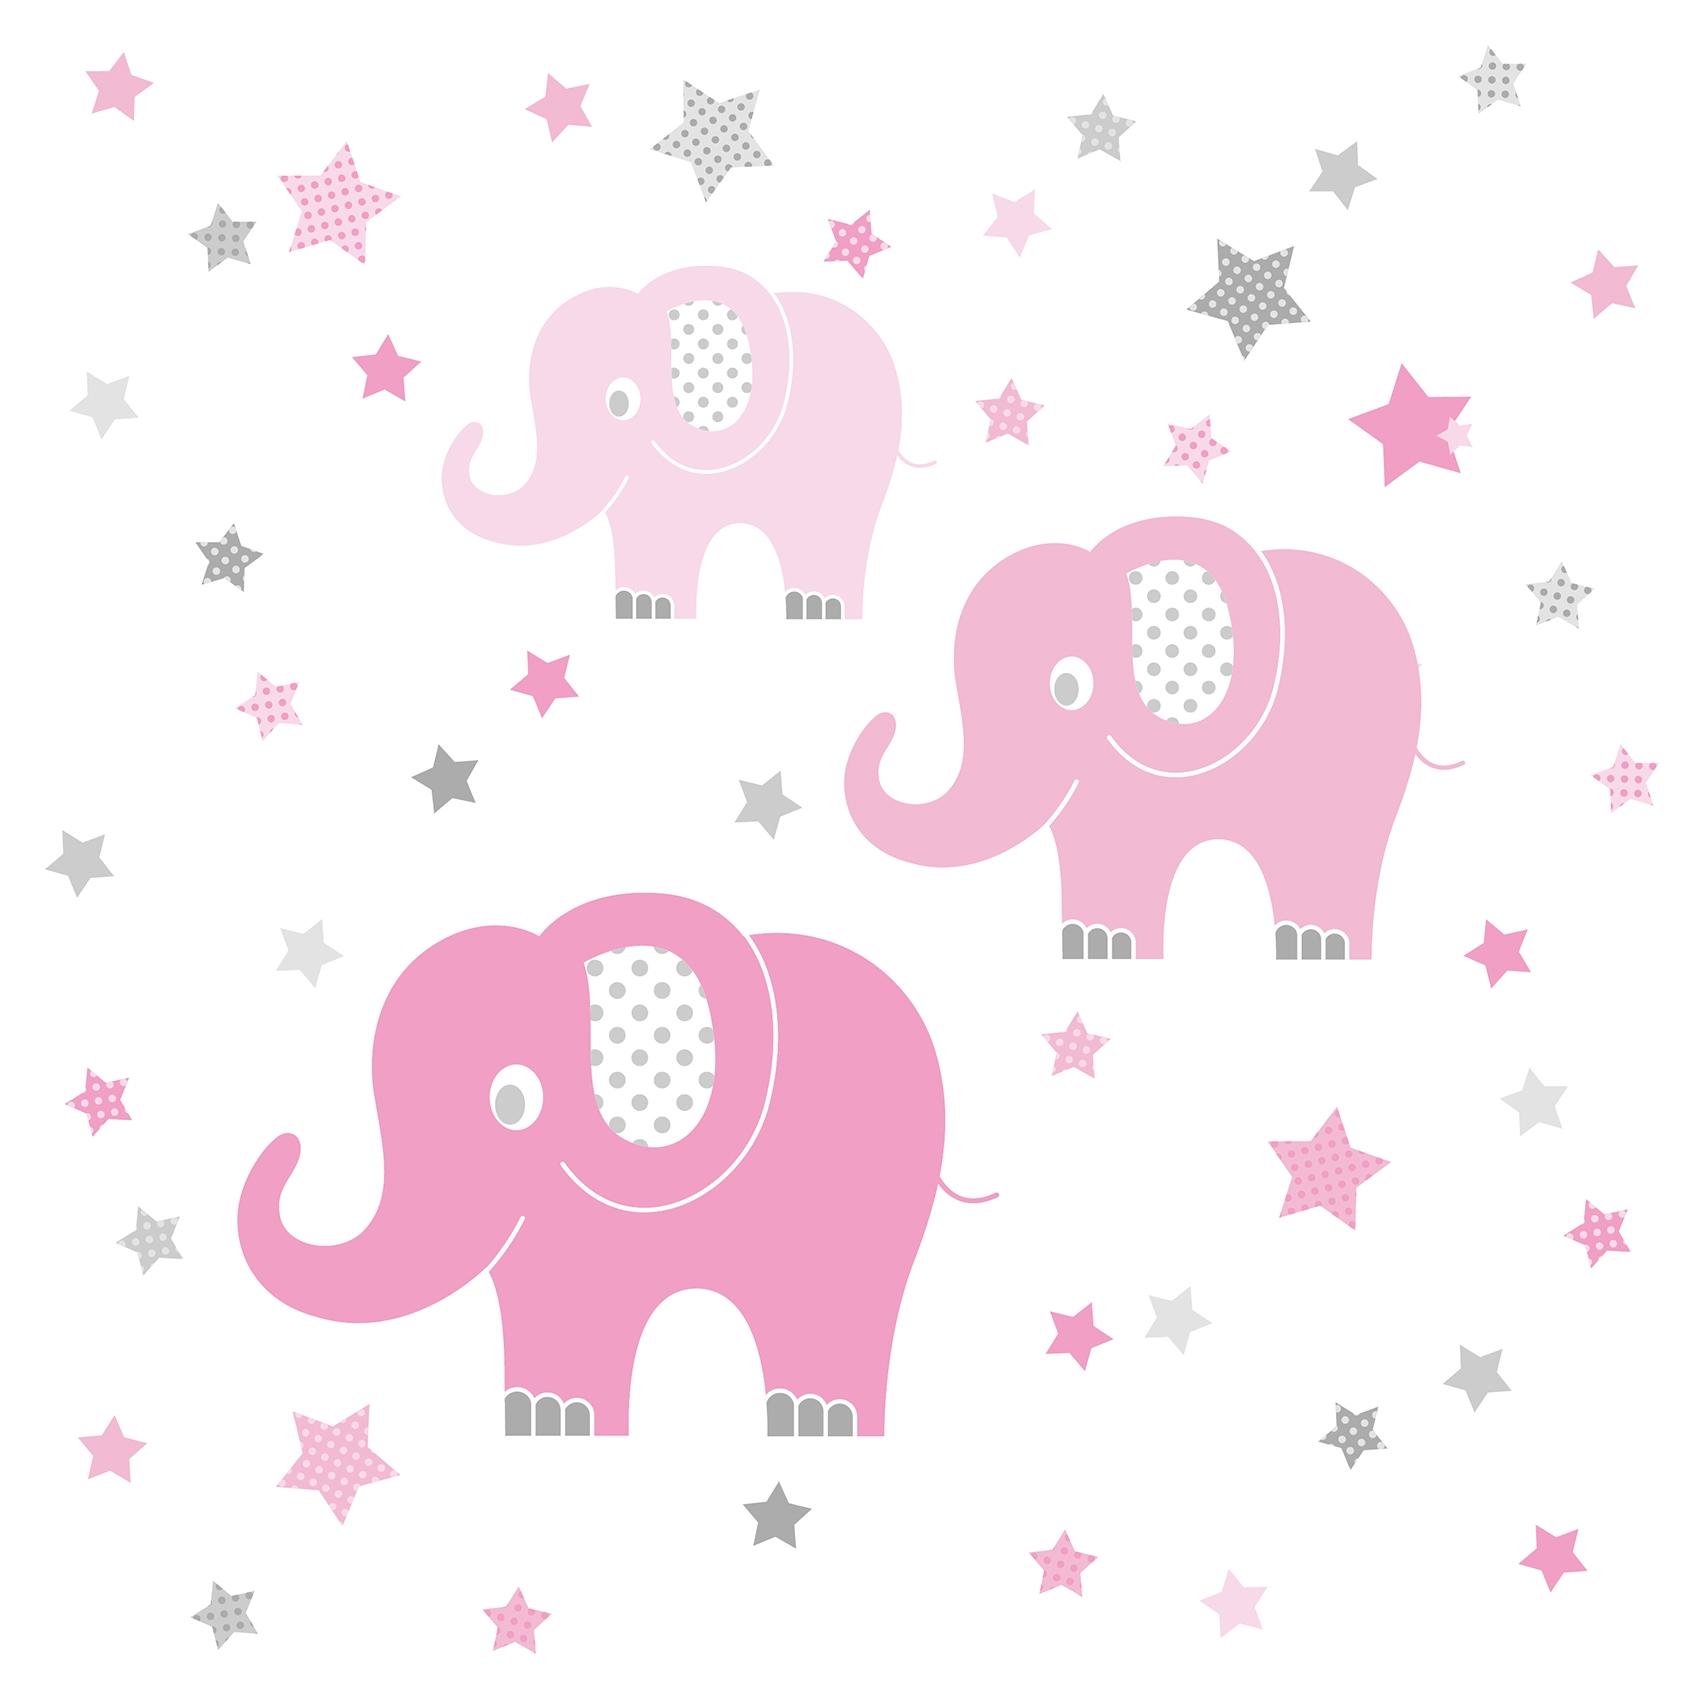 Full Size of Wandaufkleber Kinderzimmer Dinki Balloon Wandsticker Elefanten Rosa Grau 48 Regal Weiß Sofa Regale Kinderzimmer Wandaufkleber Kinderzimmer